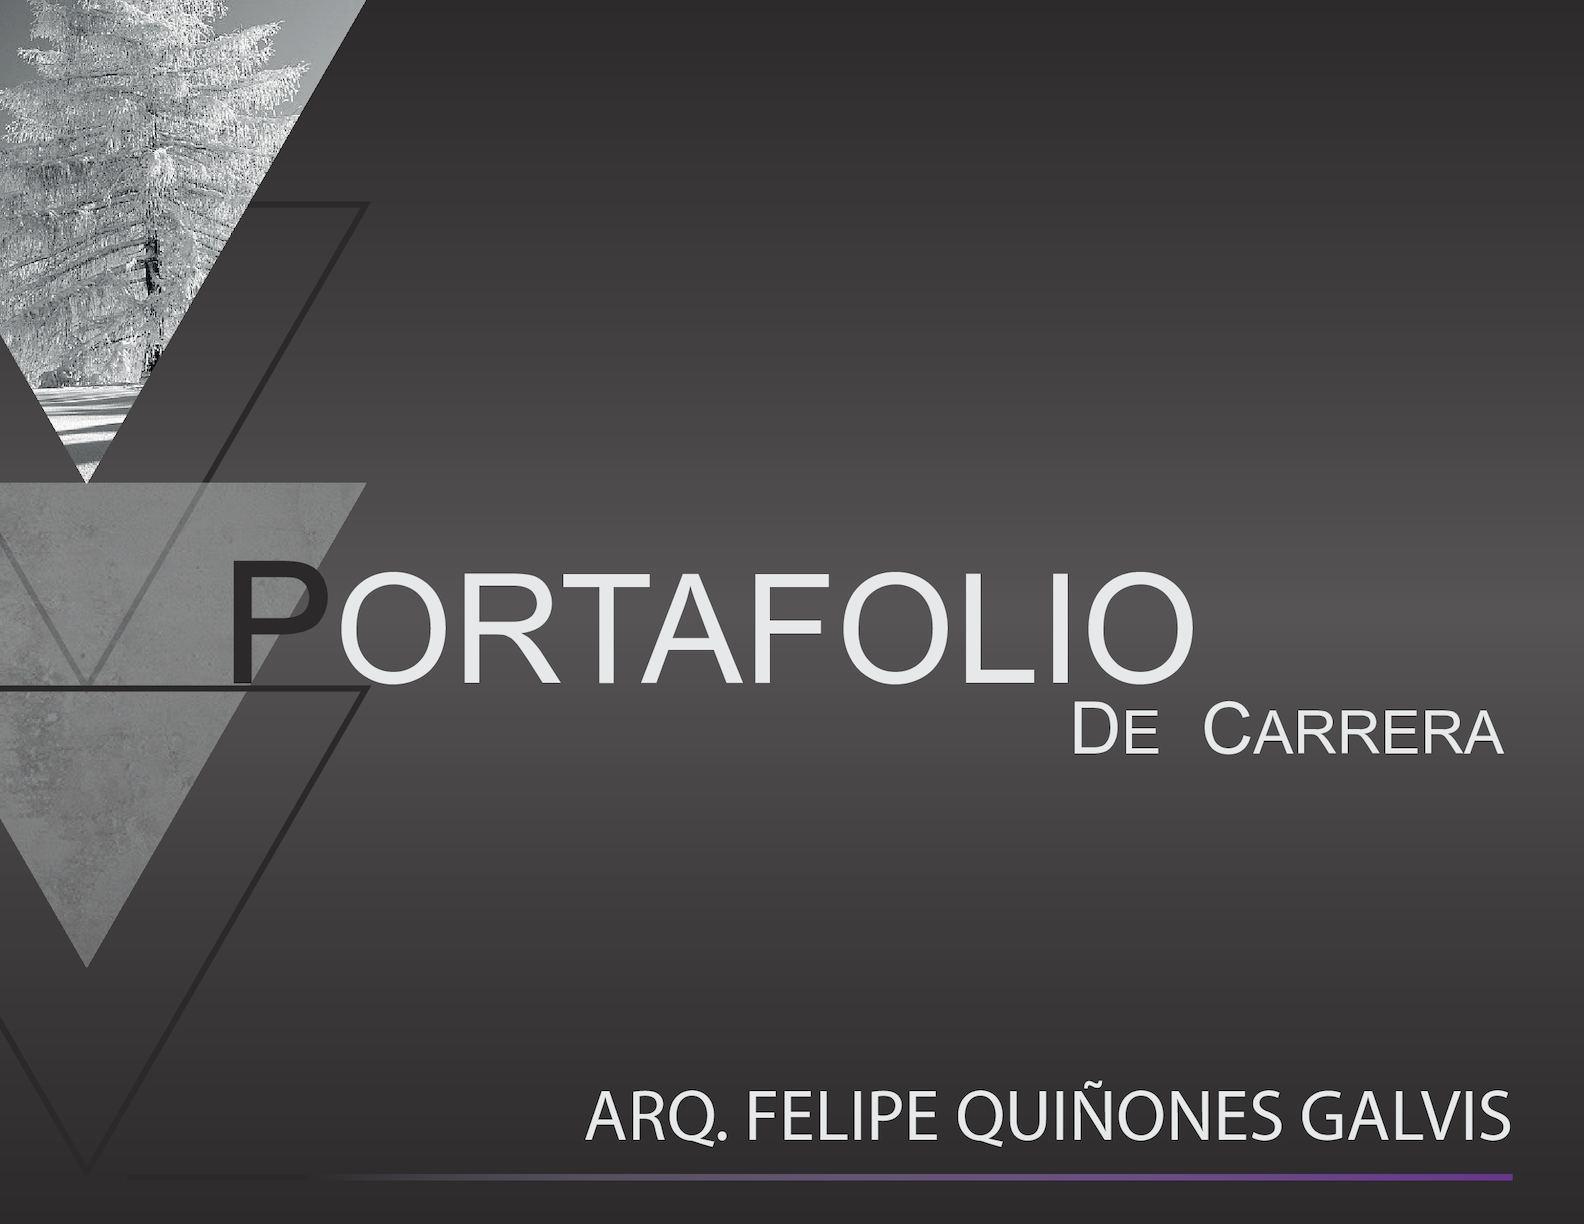 Calam o portafolio arquitecto felipe qui ones galvis for Portafolio arquitectura